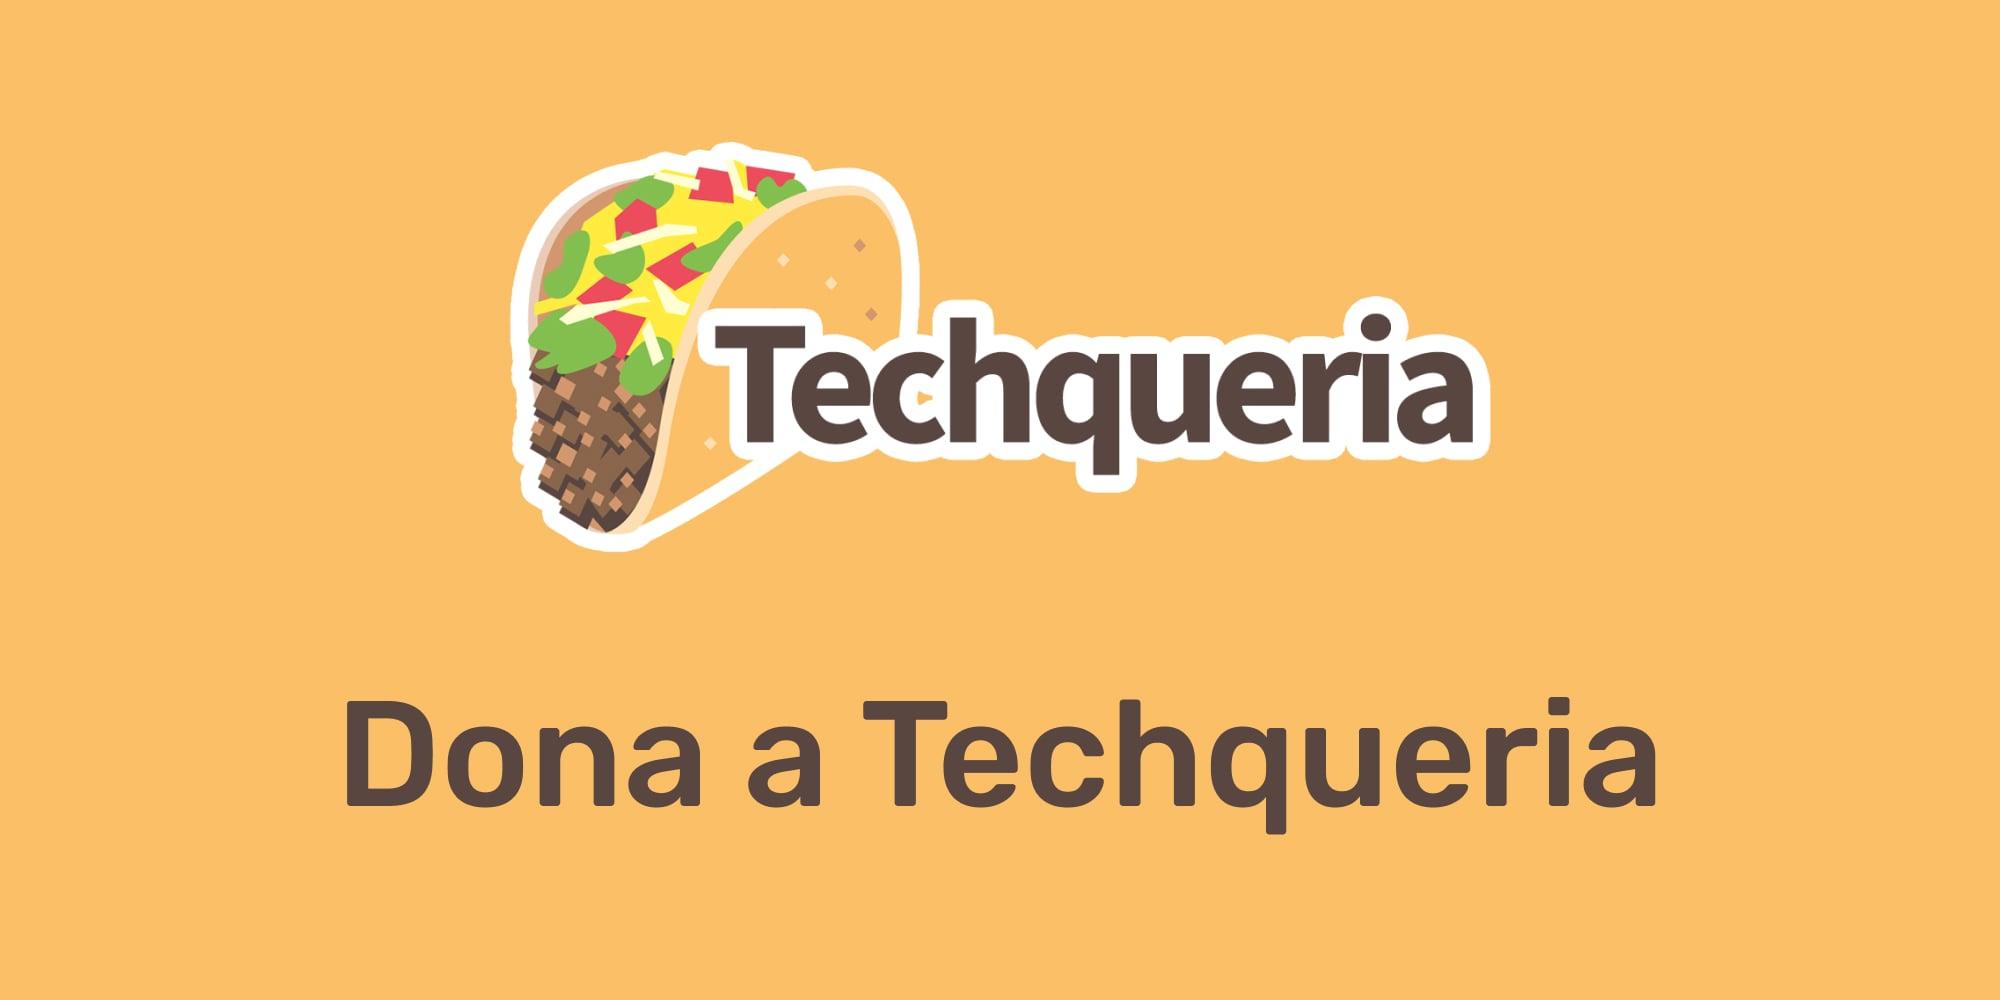 Dona a Techqueria